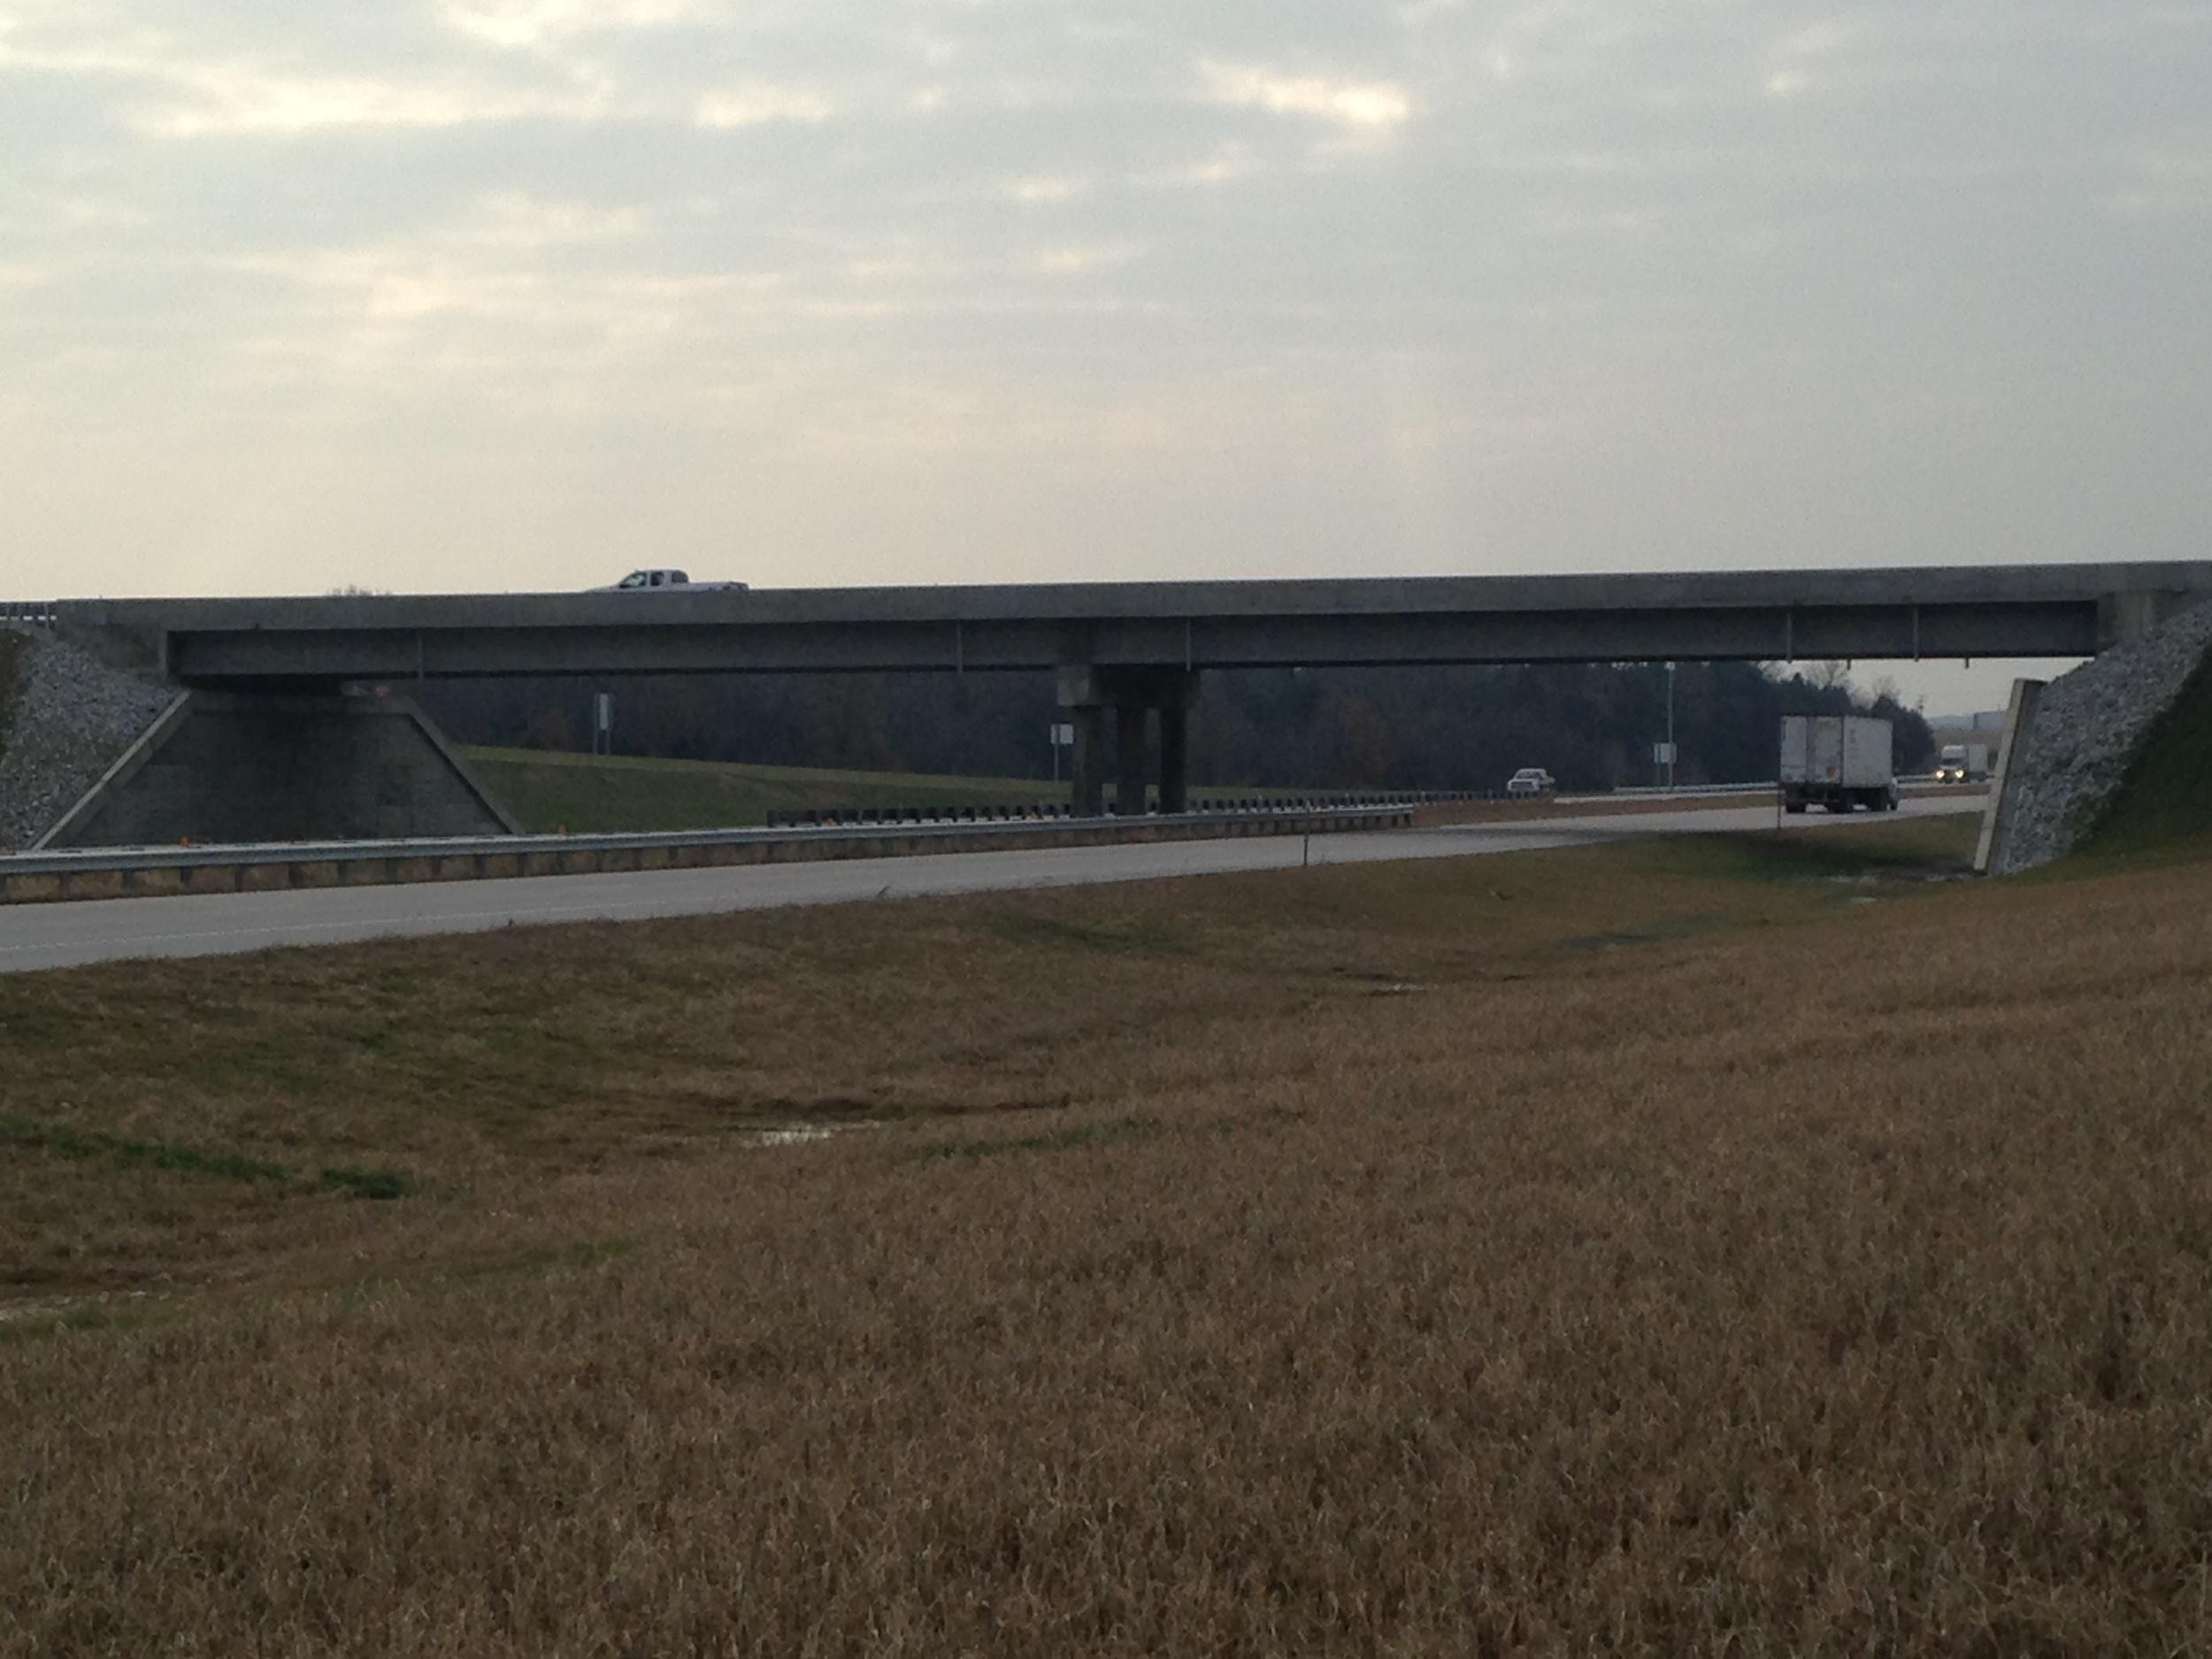 Rt. 82 overpass on Rt. 13 Osceola, MO